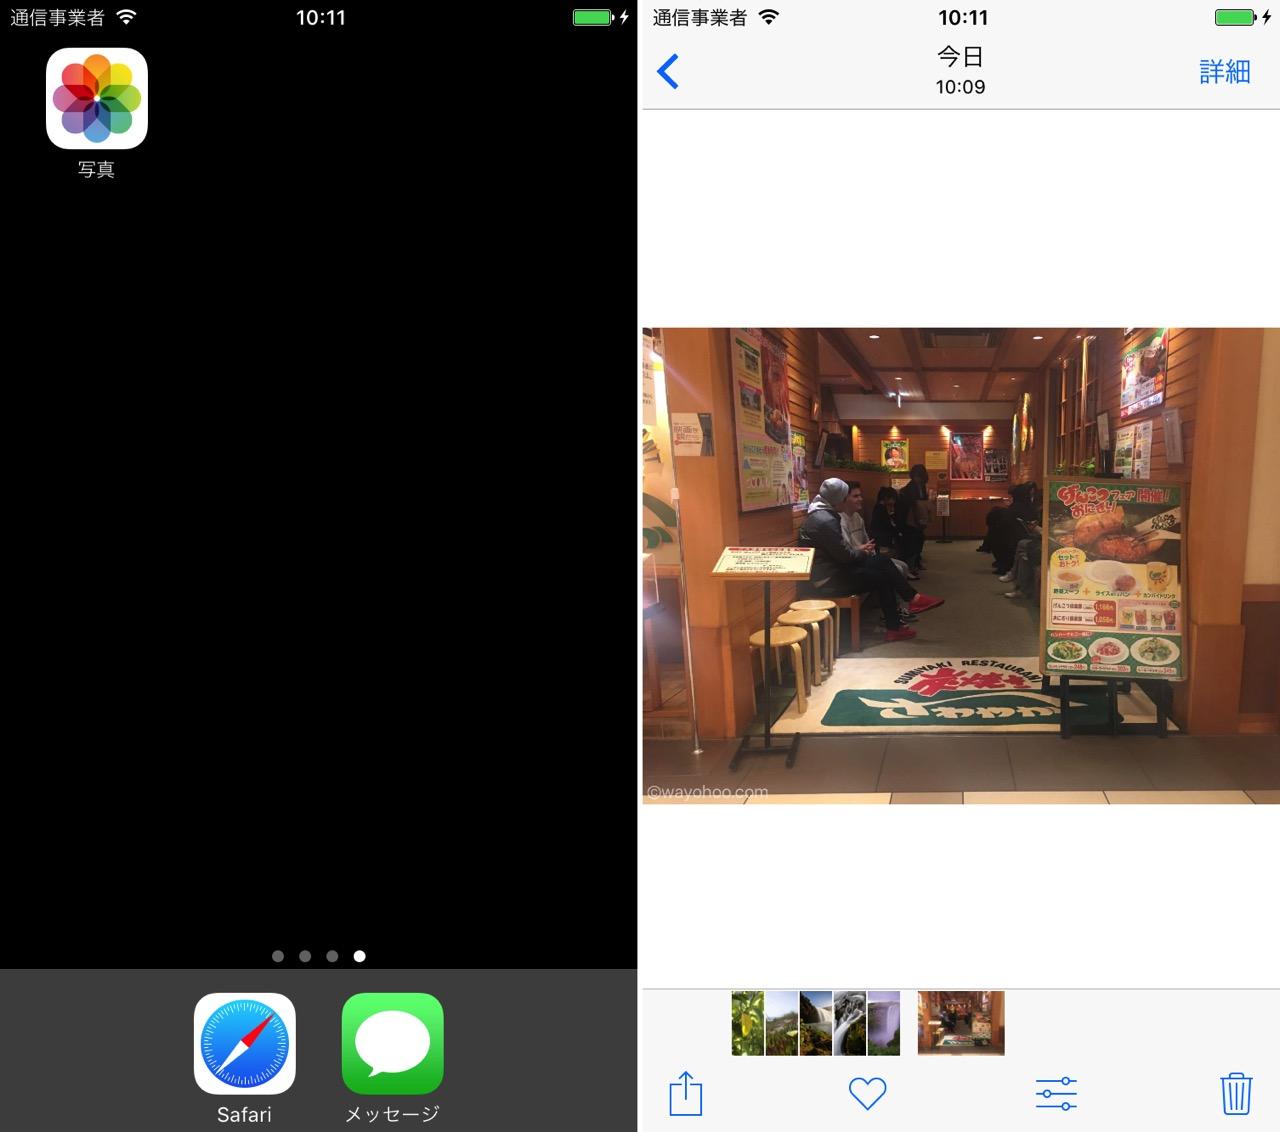 Safariから保存した画像は写真アプリから見ることができます。